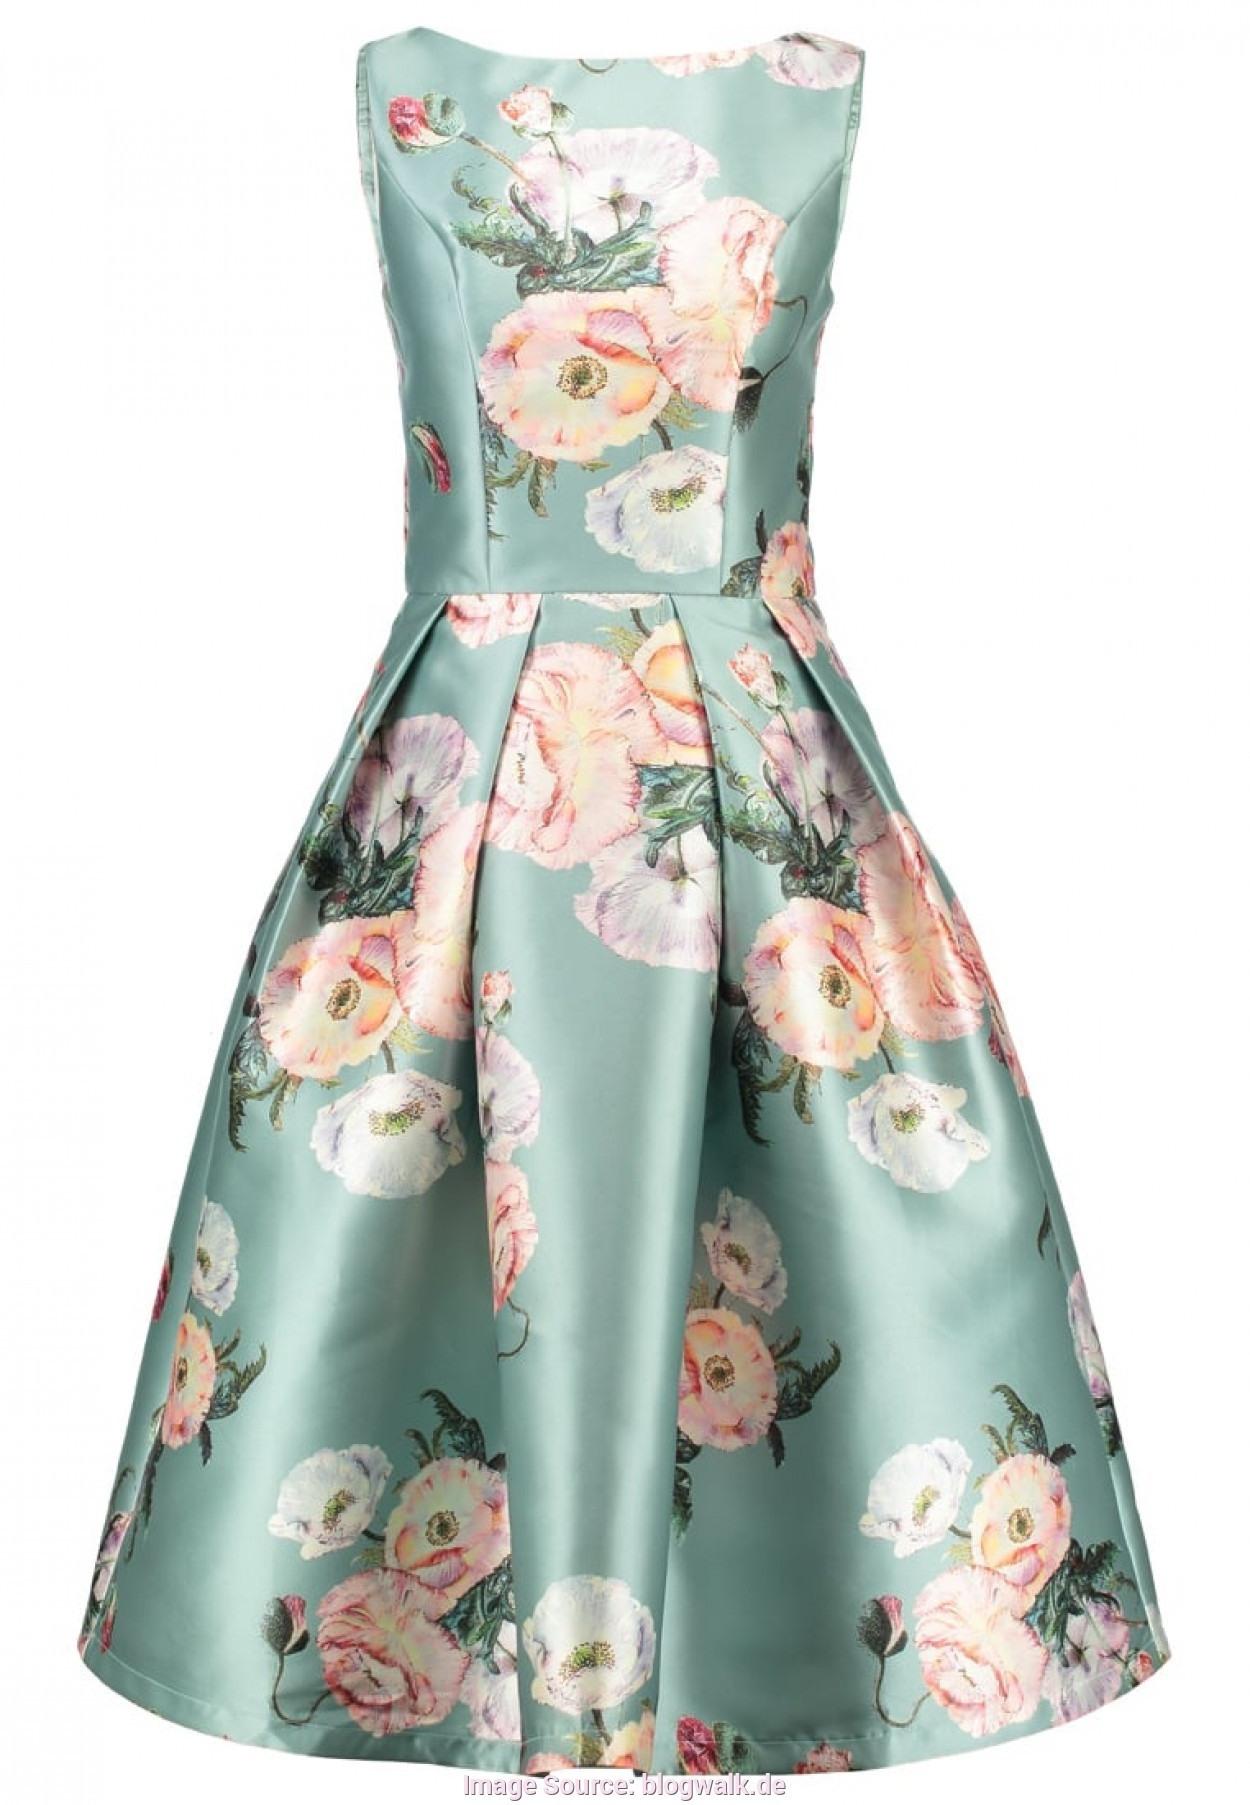 Abend Luxus Kleid Grün Festlich Bester Preis15 Luxus Kleid Grün Festlich Ärmel